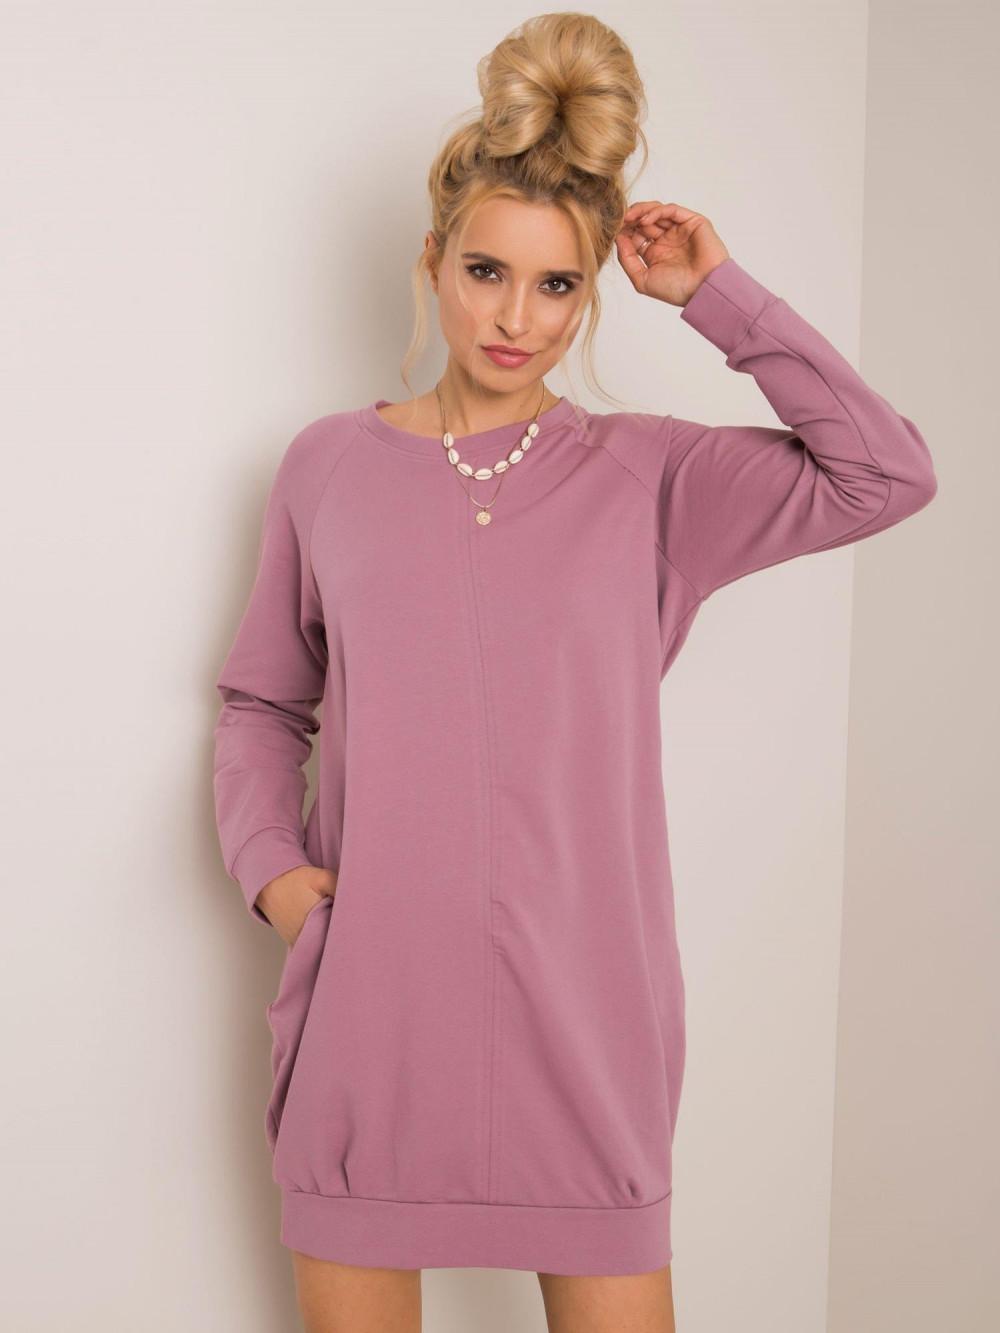 Brudnoróżowa sukienka bluza z kieszeniami Glove 2